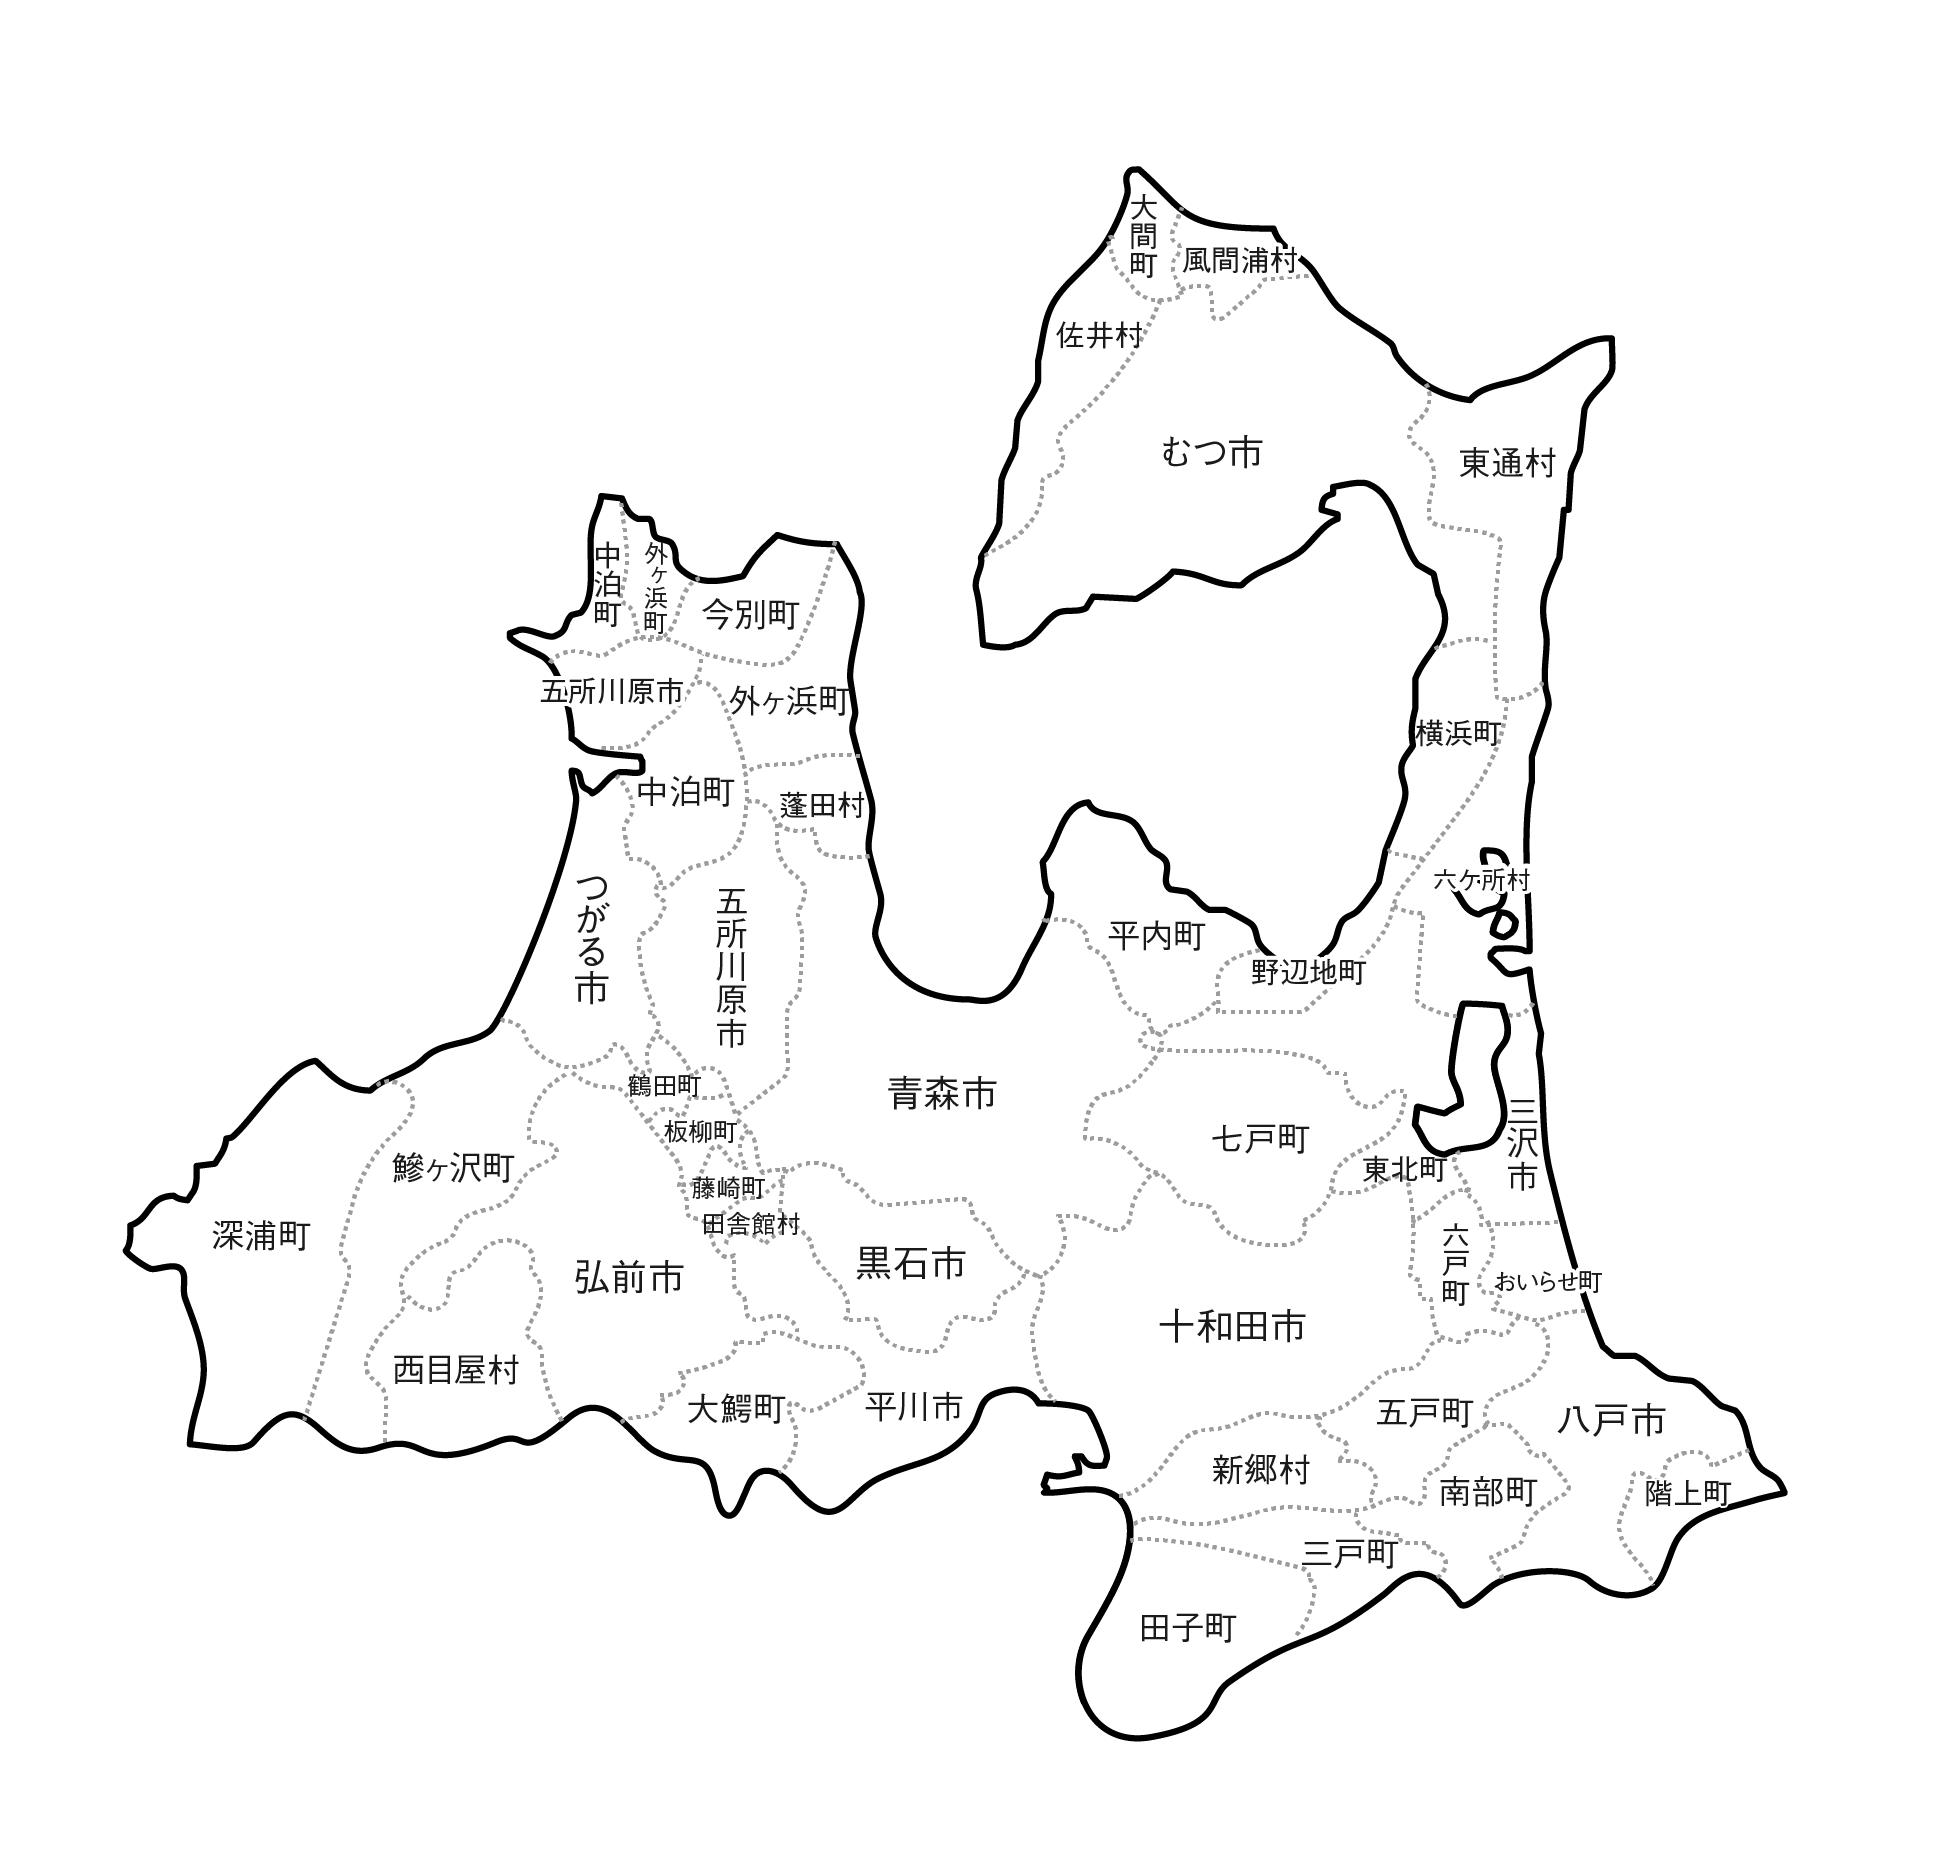 [白地図]青森県・ラインあり・市区町村名あり